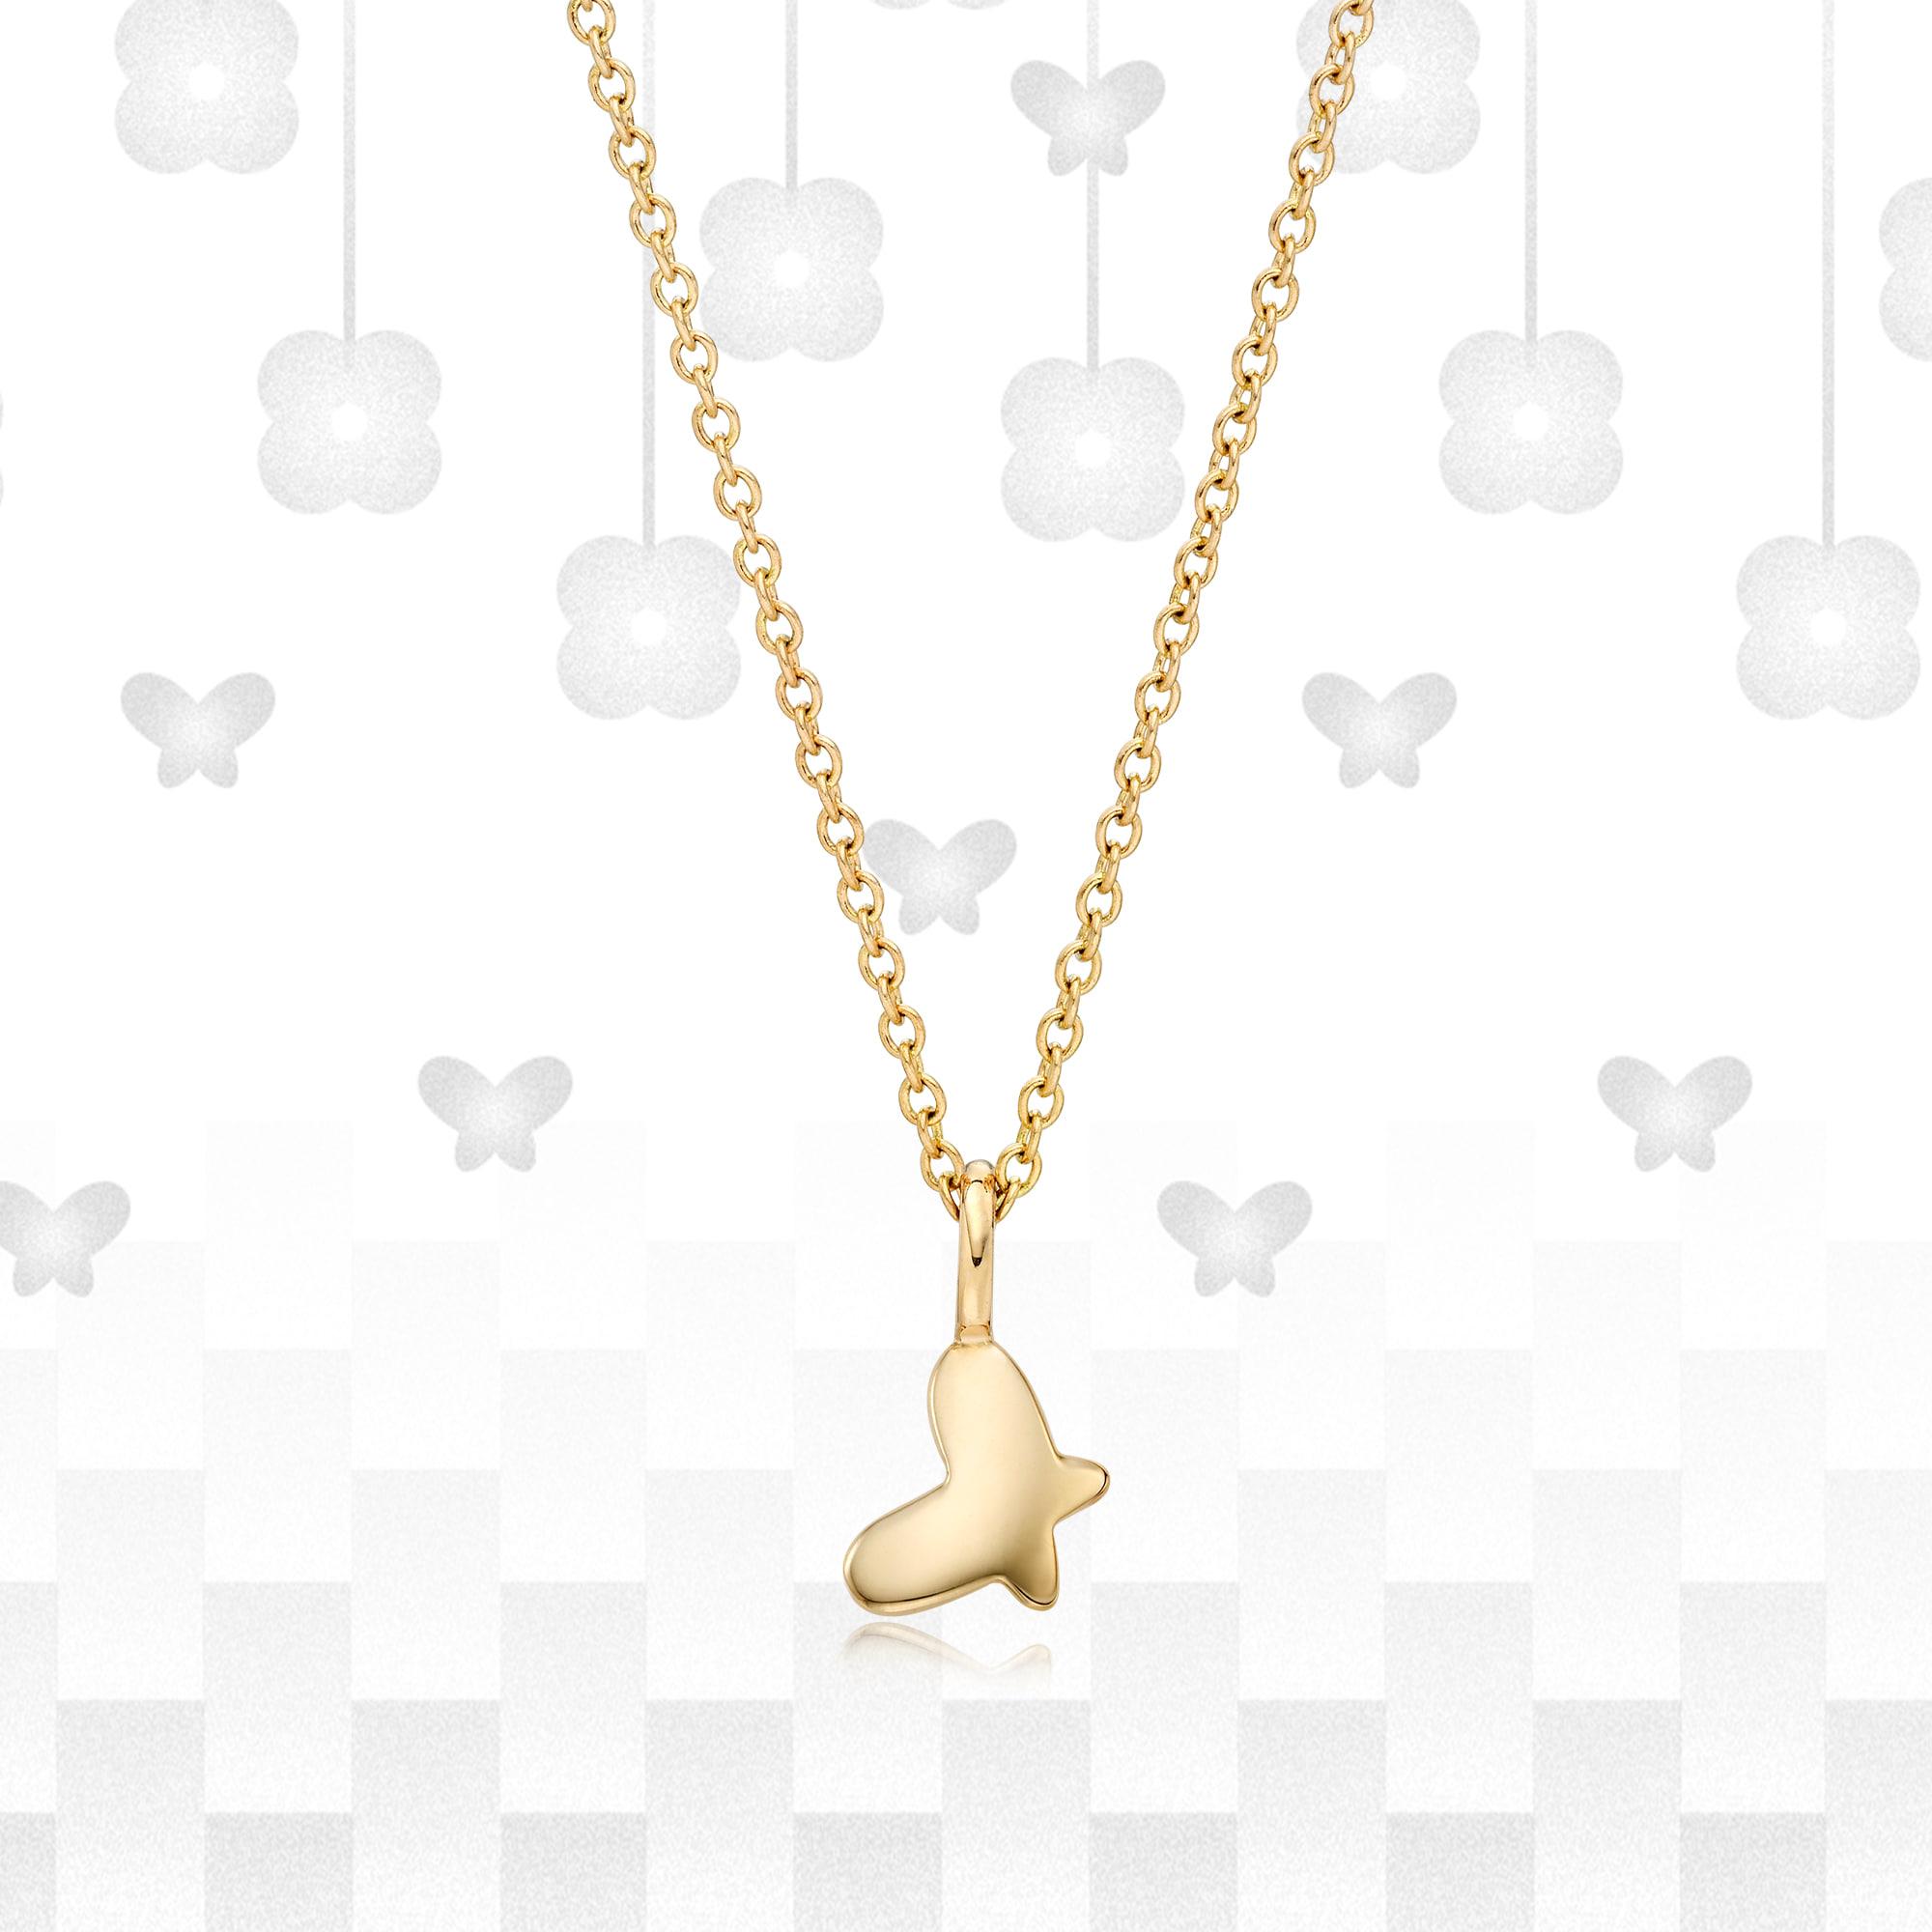 14K/18k Gold Kaiu Hope Necklace - Butterfly Necklace